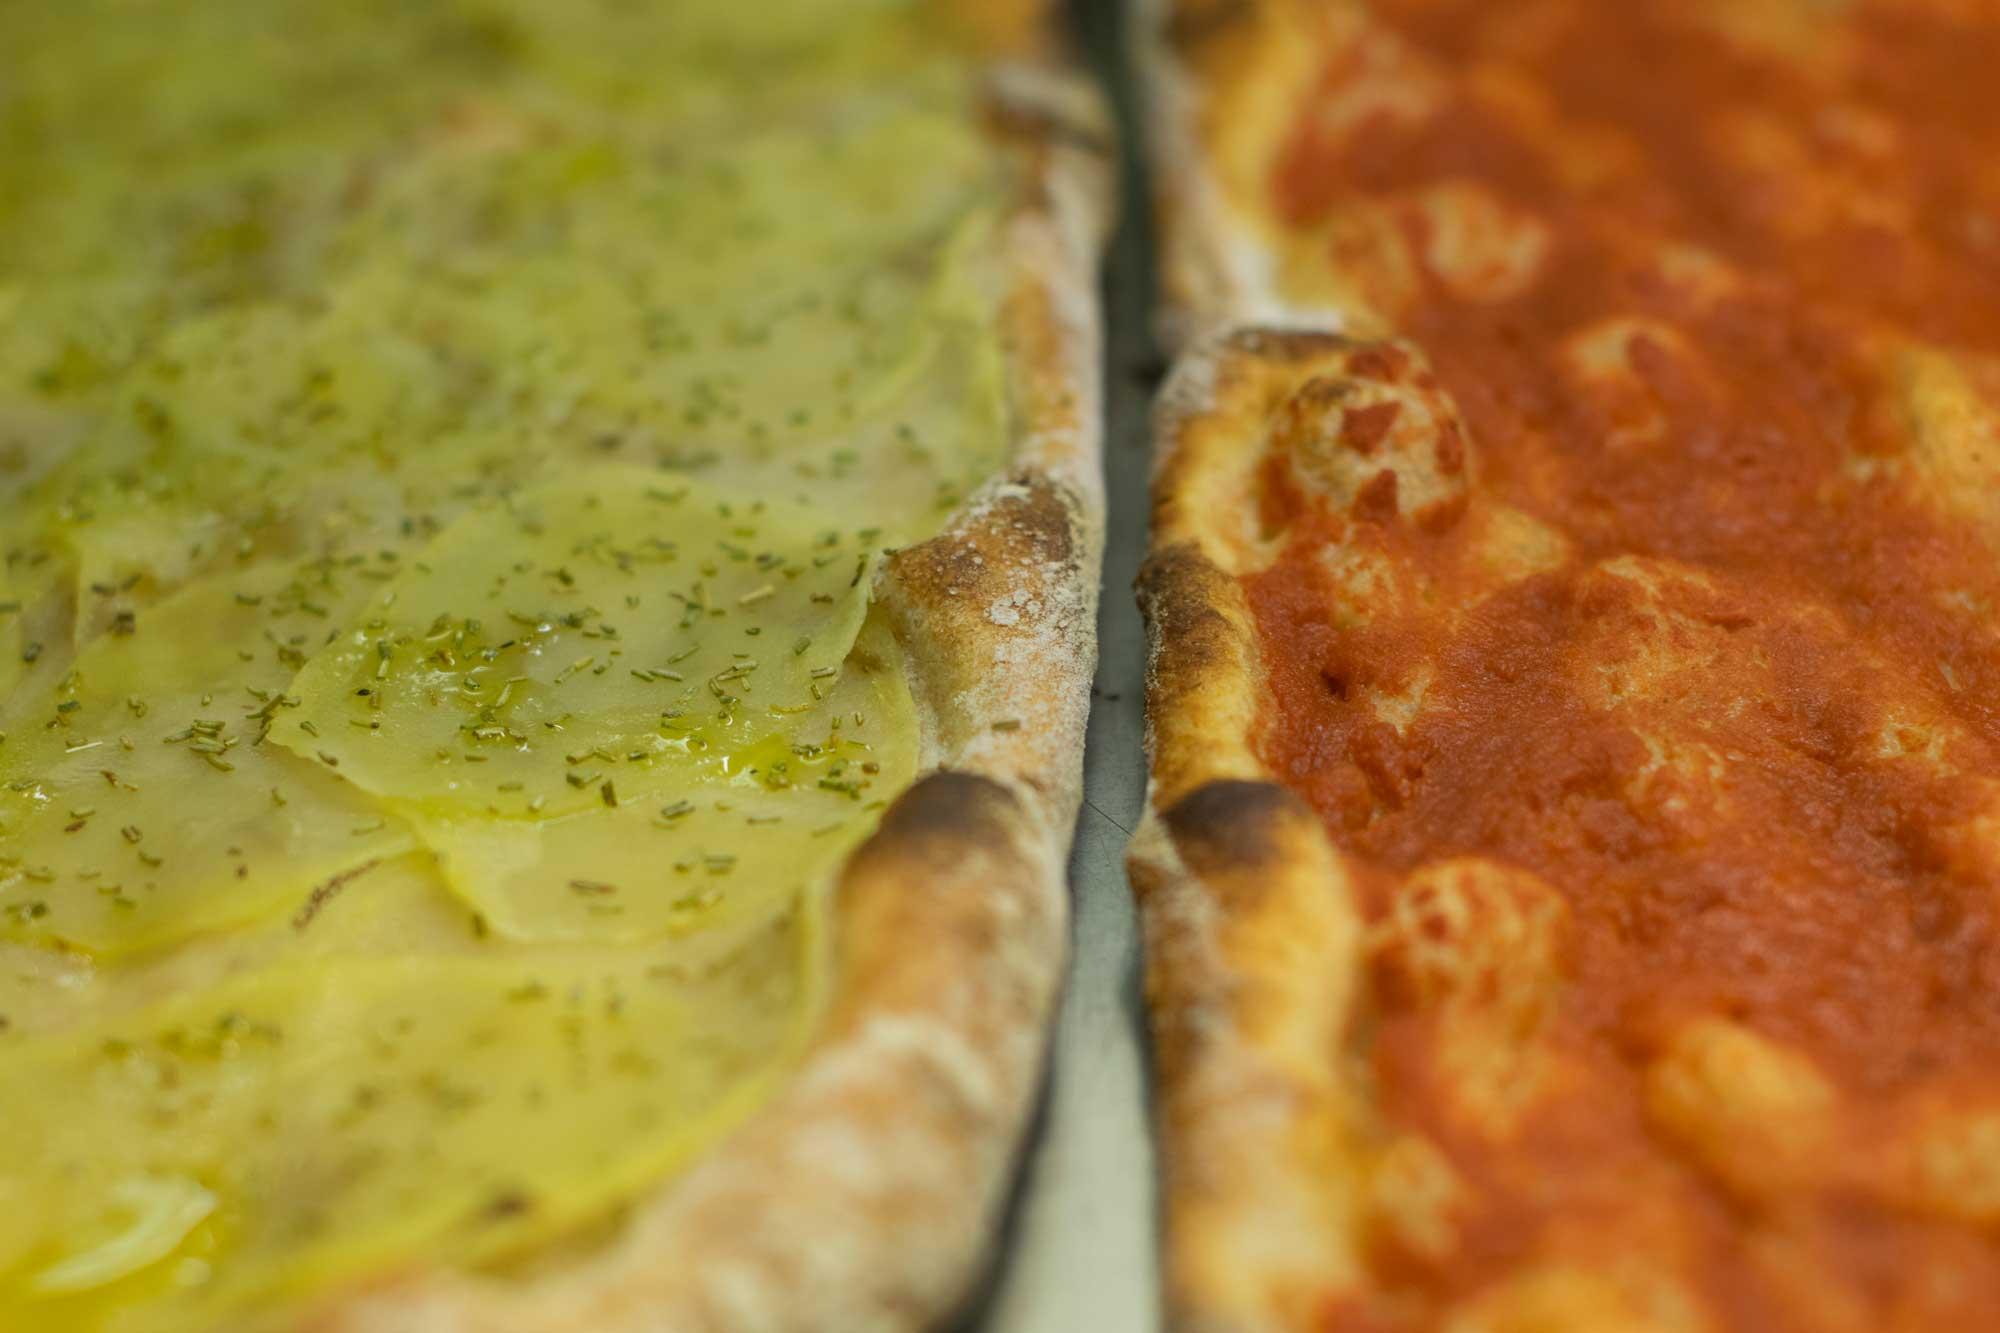 Pizza bianca e rossa - S.Bio.Q.R. - L'Impero del Grano